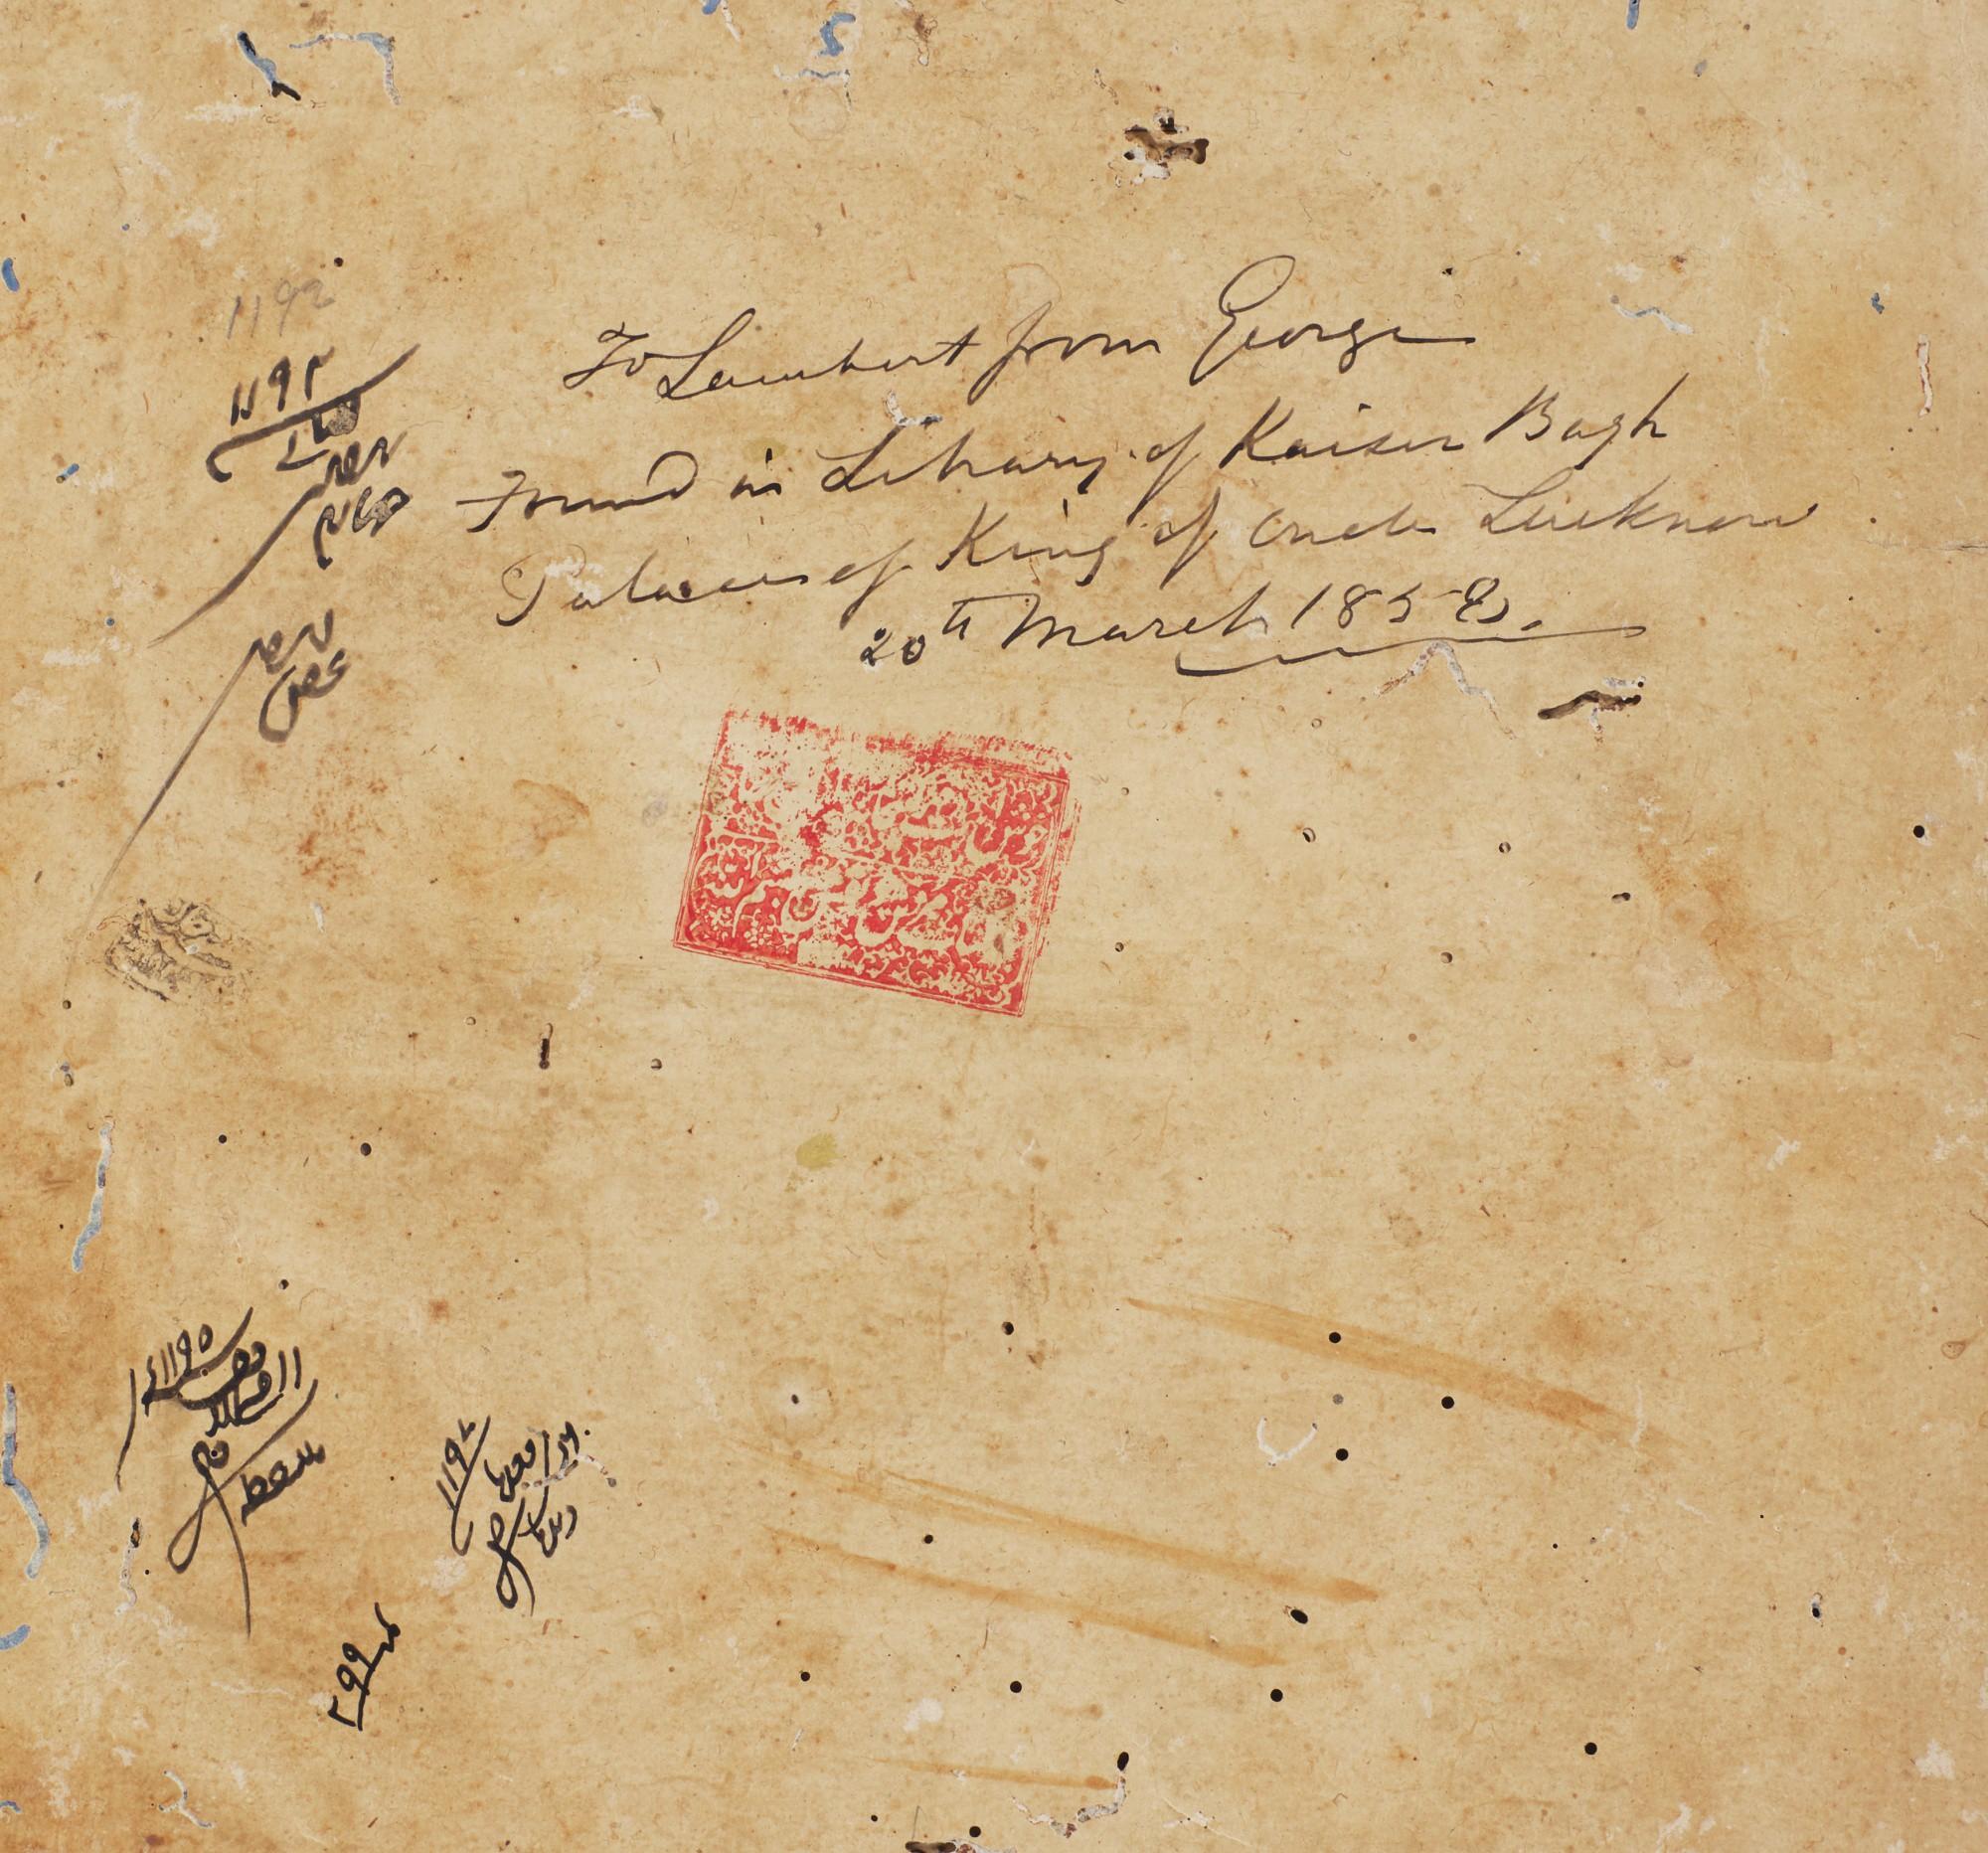 AN ILLUMINATED QUR'AN JUZ (II), COPIED BY ZAYN AL-'ABIDIN B. MUHAMMAD AL-KATIB, PERSIA, AQQOYUNLU, DATED 888 AH/1483 AD